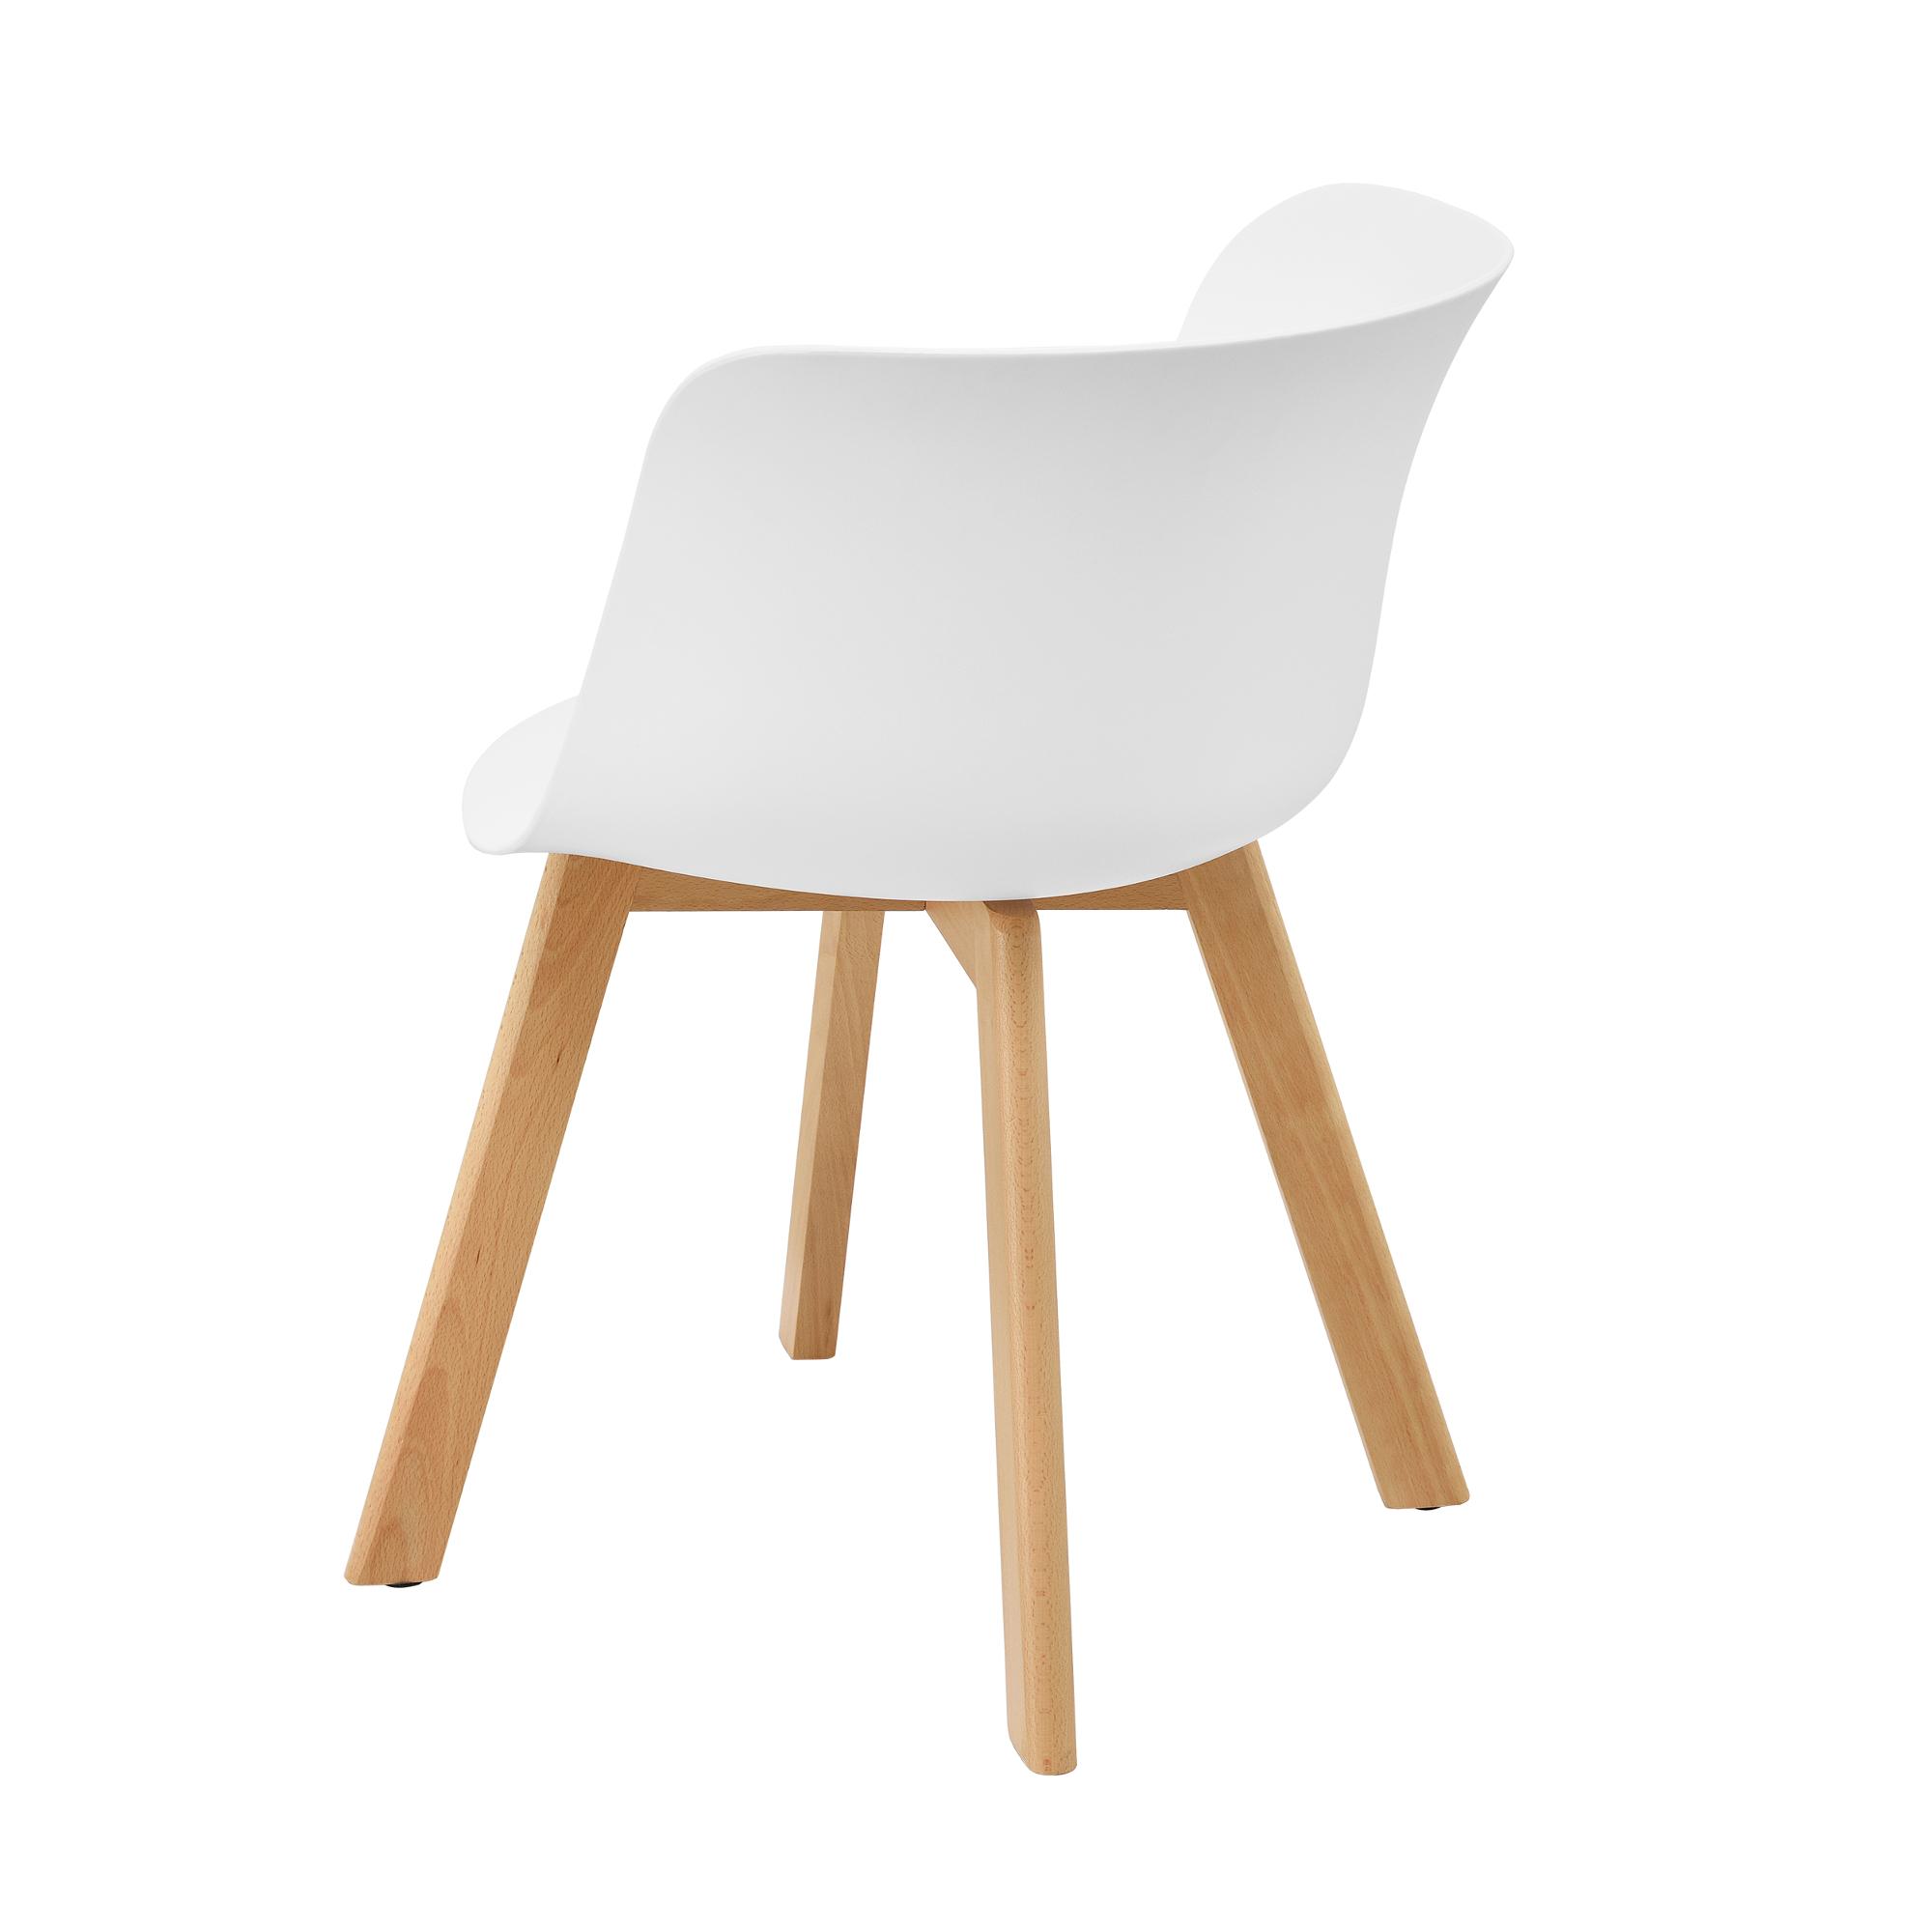 Tavolo Da Pranzo Niko [bambù]   6 X Pranzo Sedia Rotterdam  #966835 2000 2000 Descrizione Della Sala Da Pranzo In Inglese